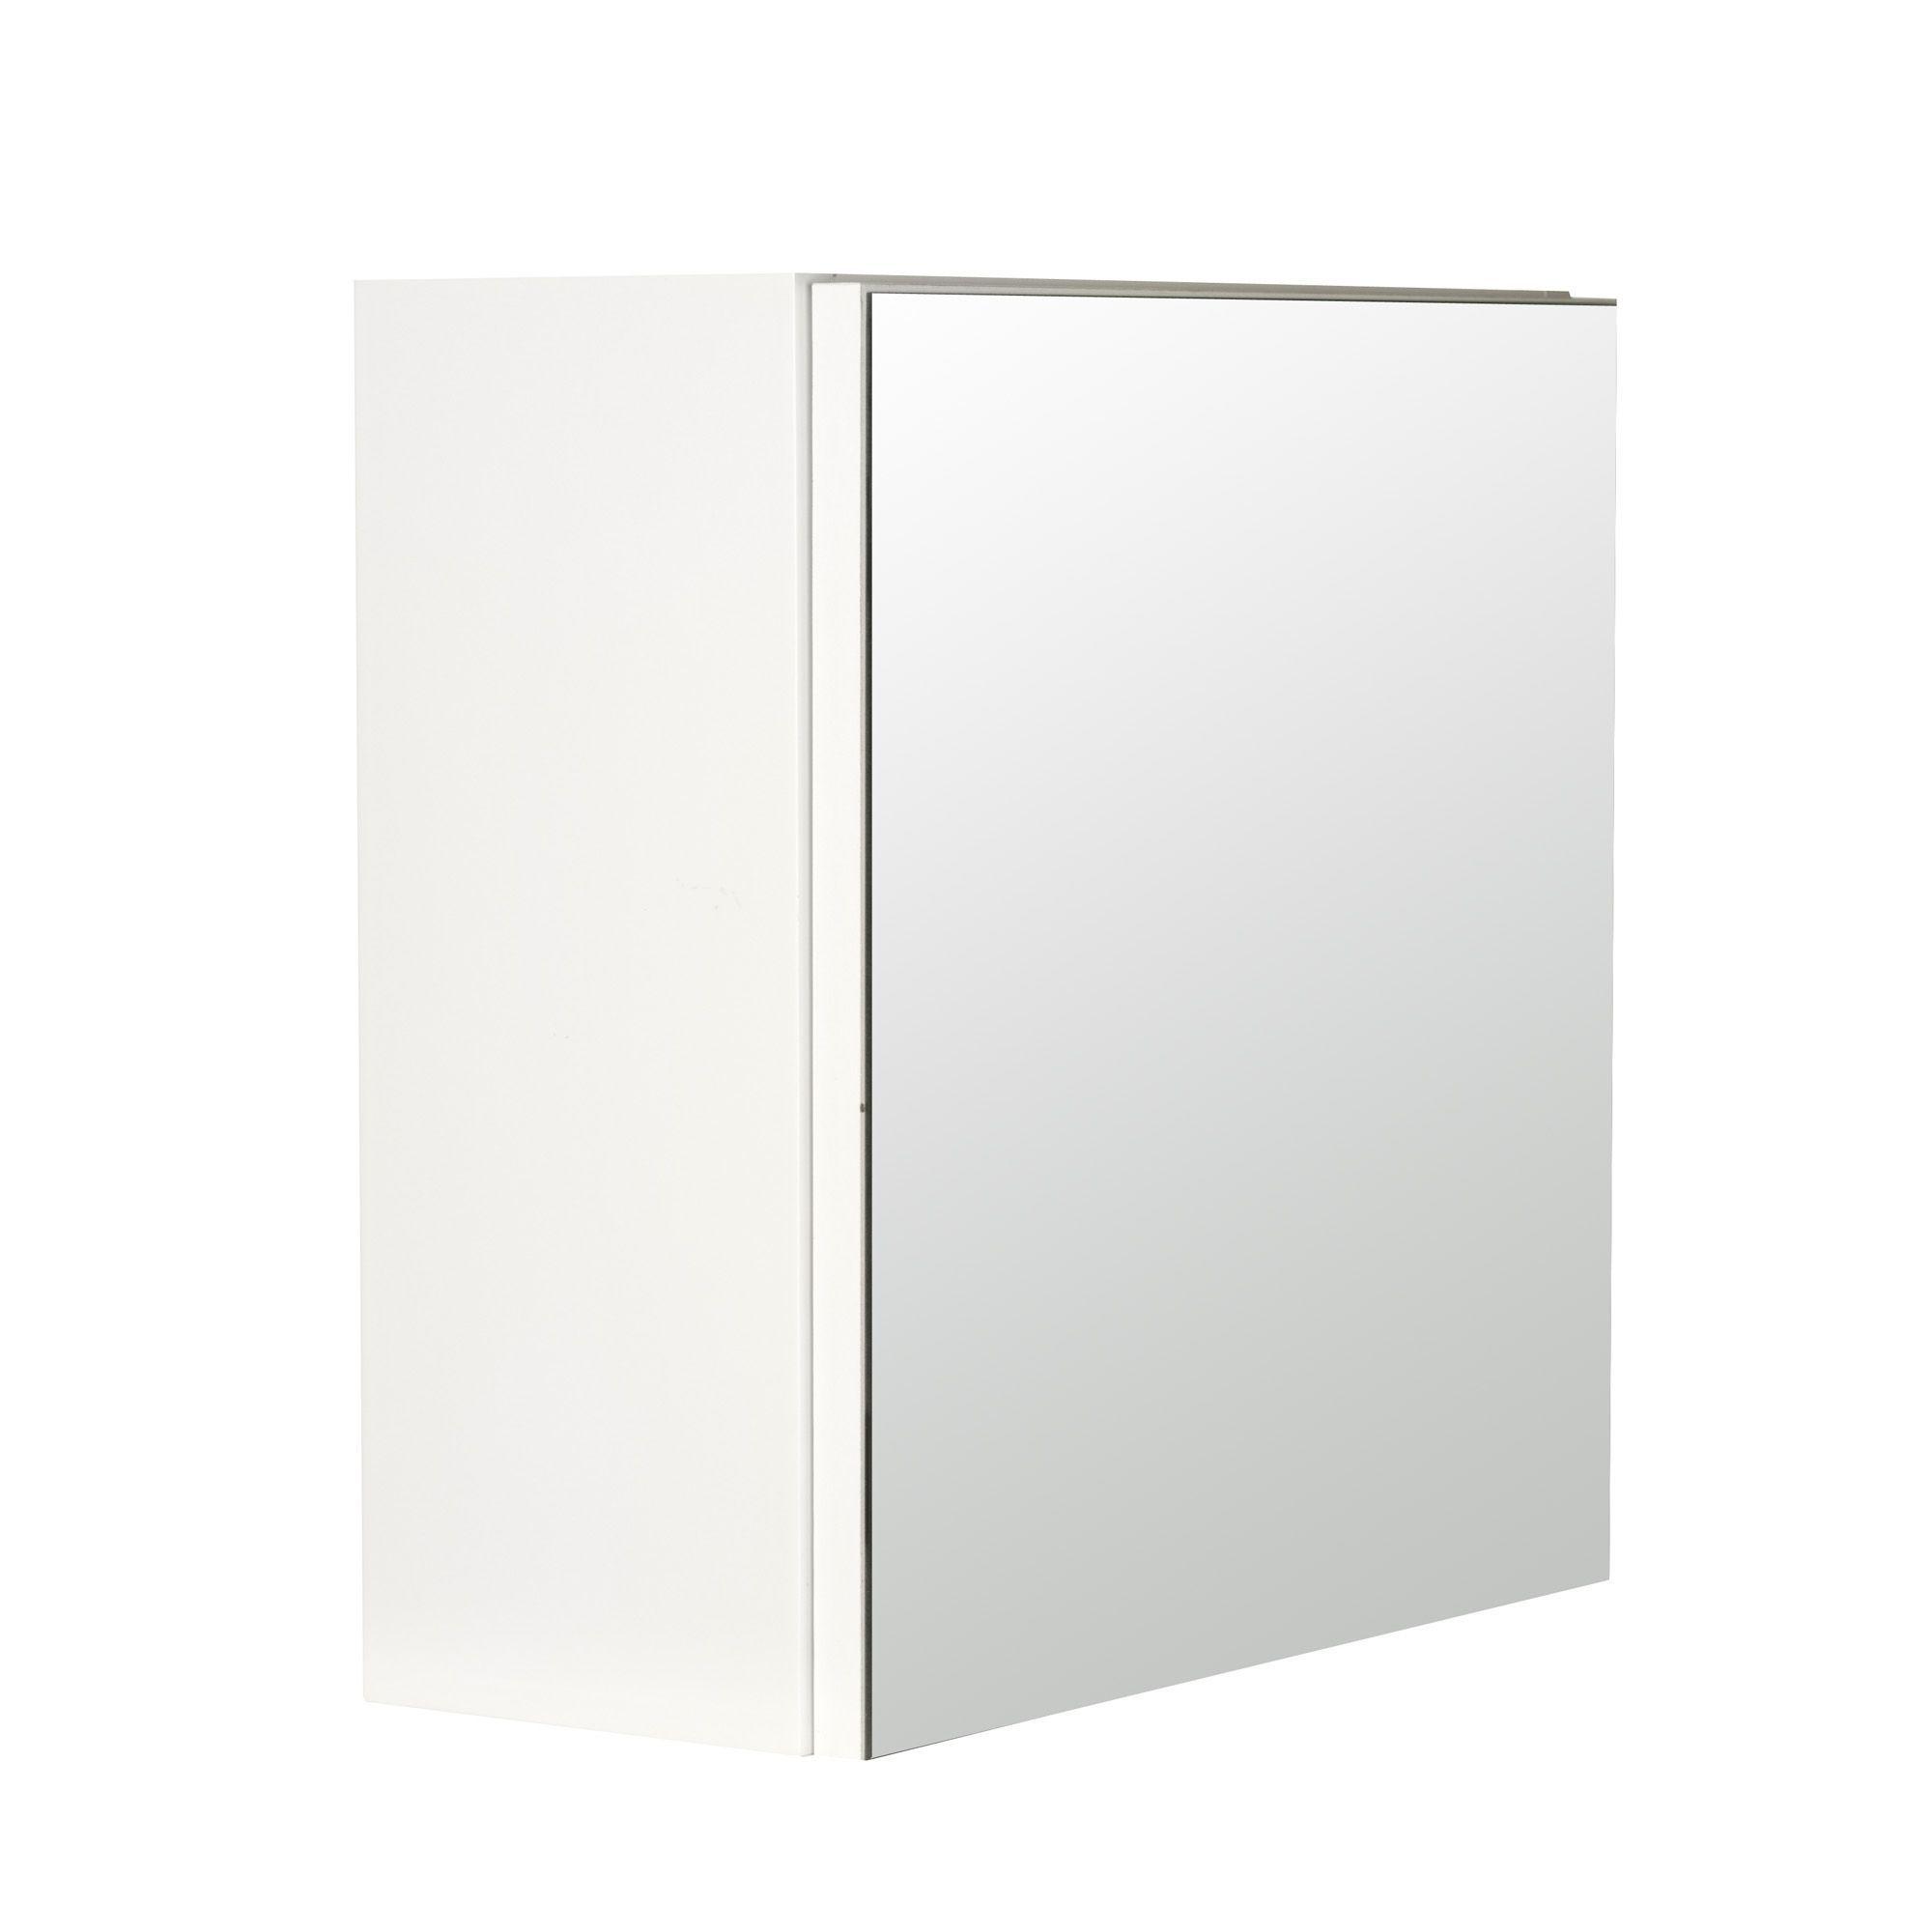 Cube mural de salle de bain avec miroir blanc luxy les tag res et armoirettes de salle de - Alinea etagere salle de bain ...